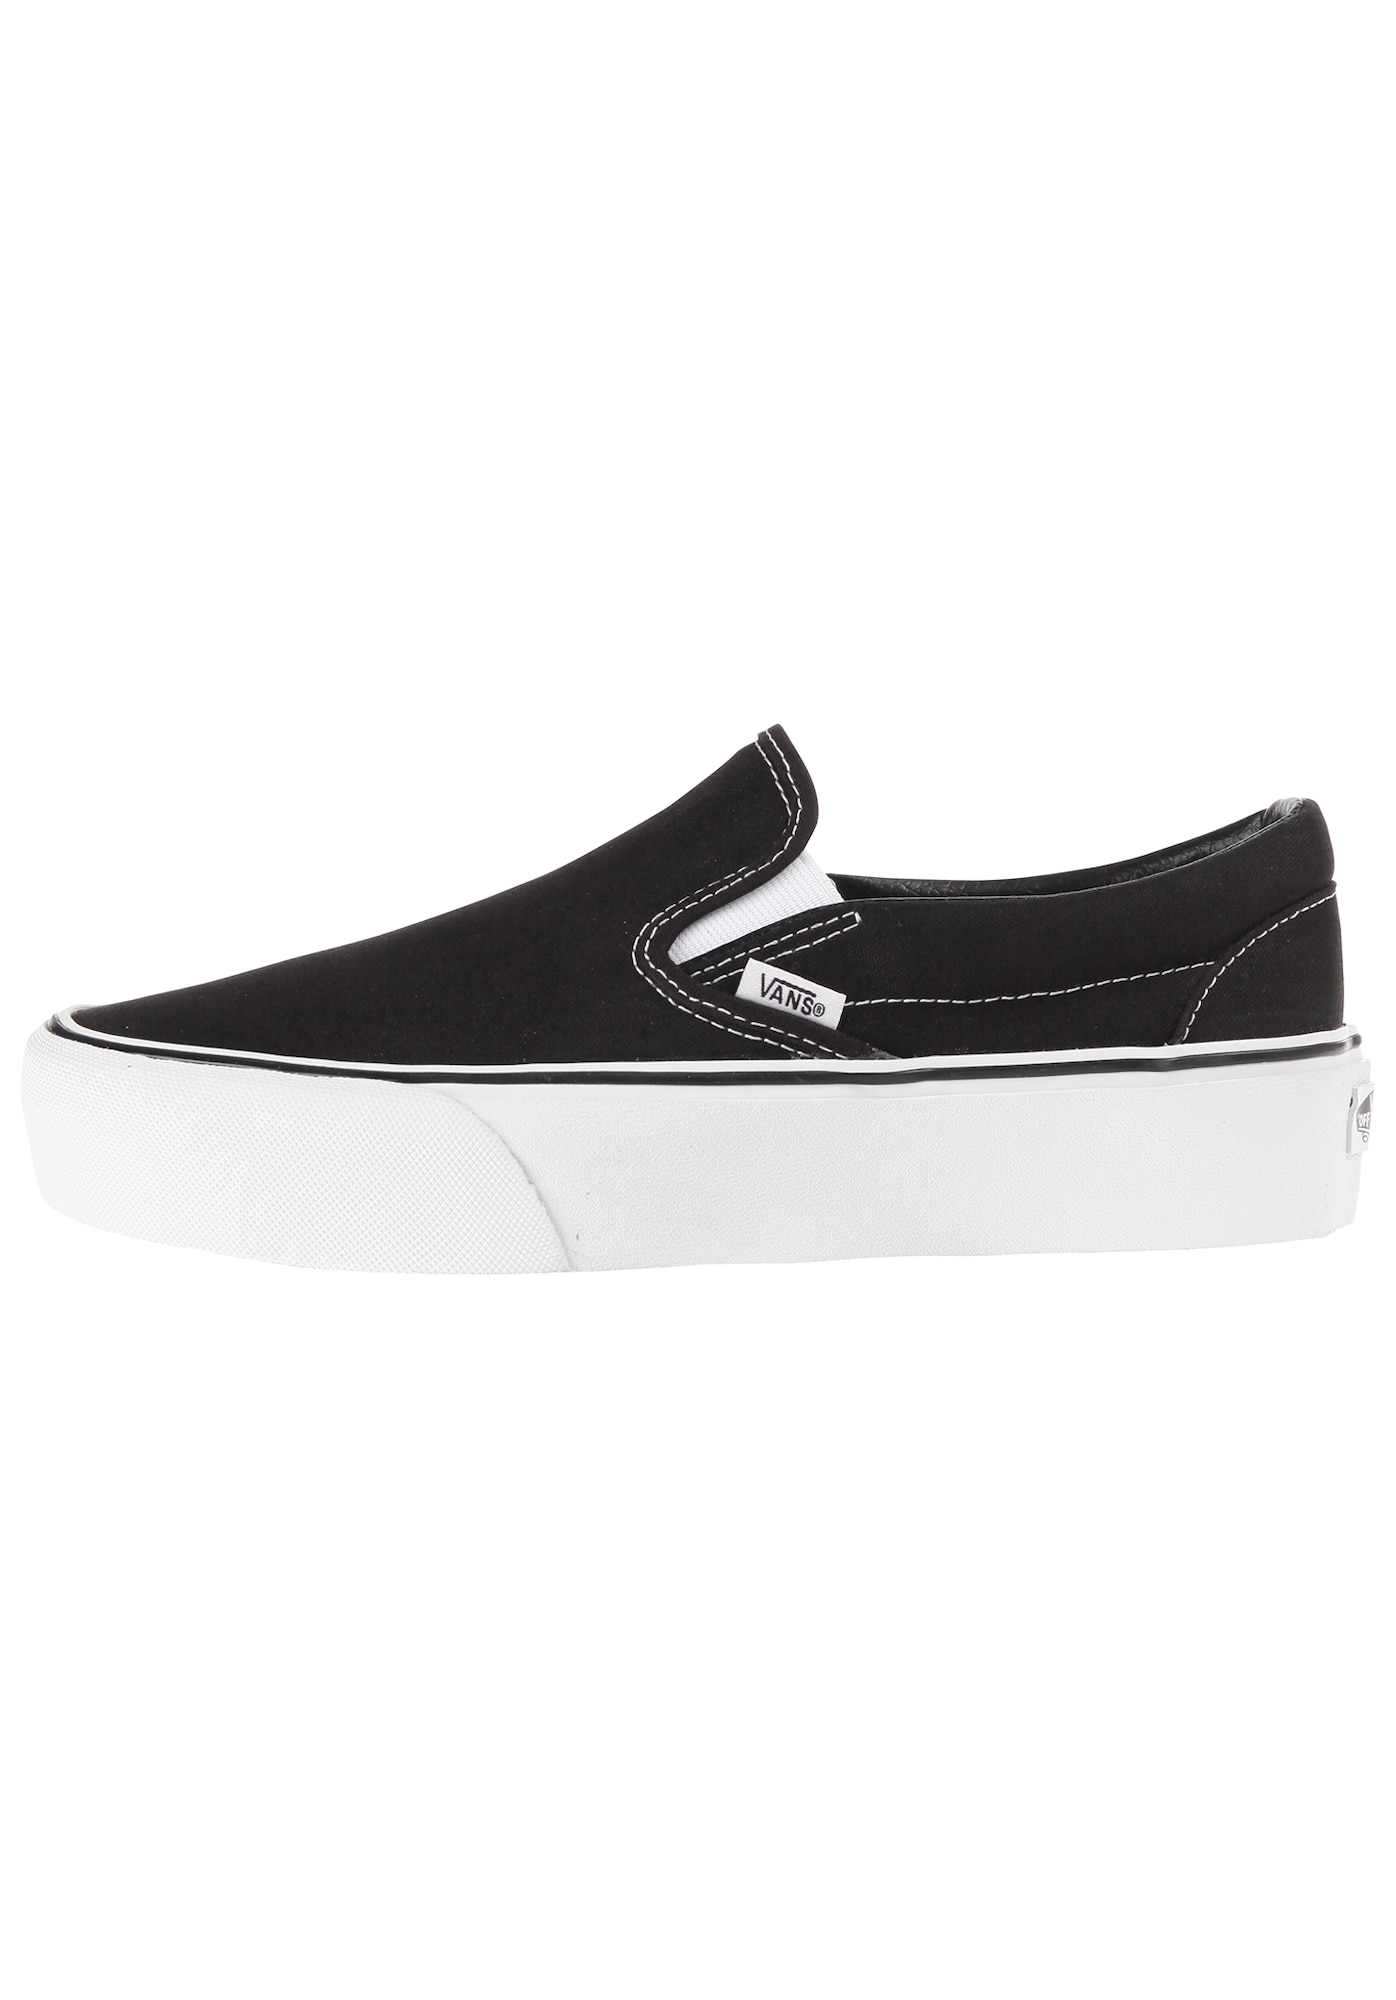 Slip on boty Classic Slip-On Platform černý melír bílá VANS